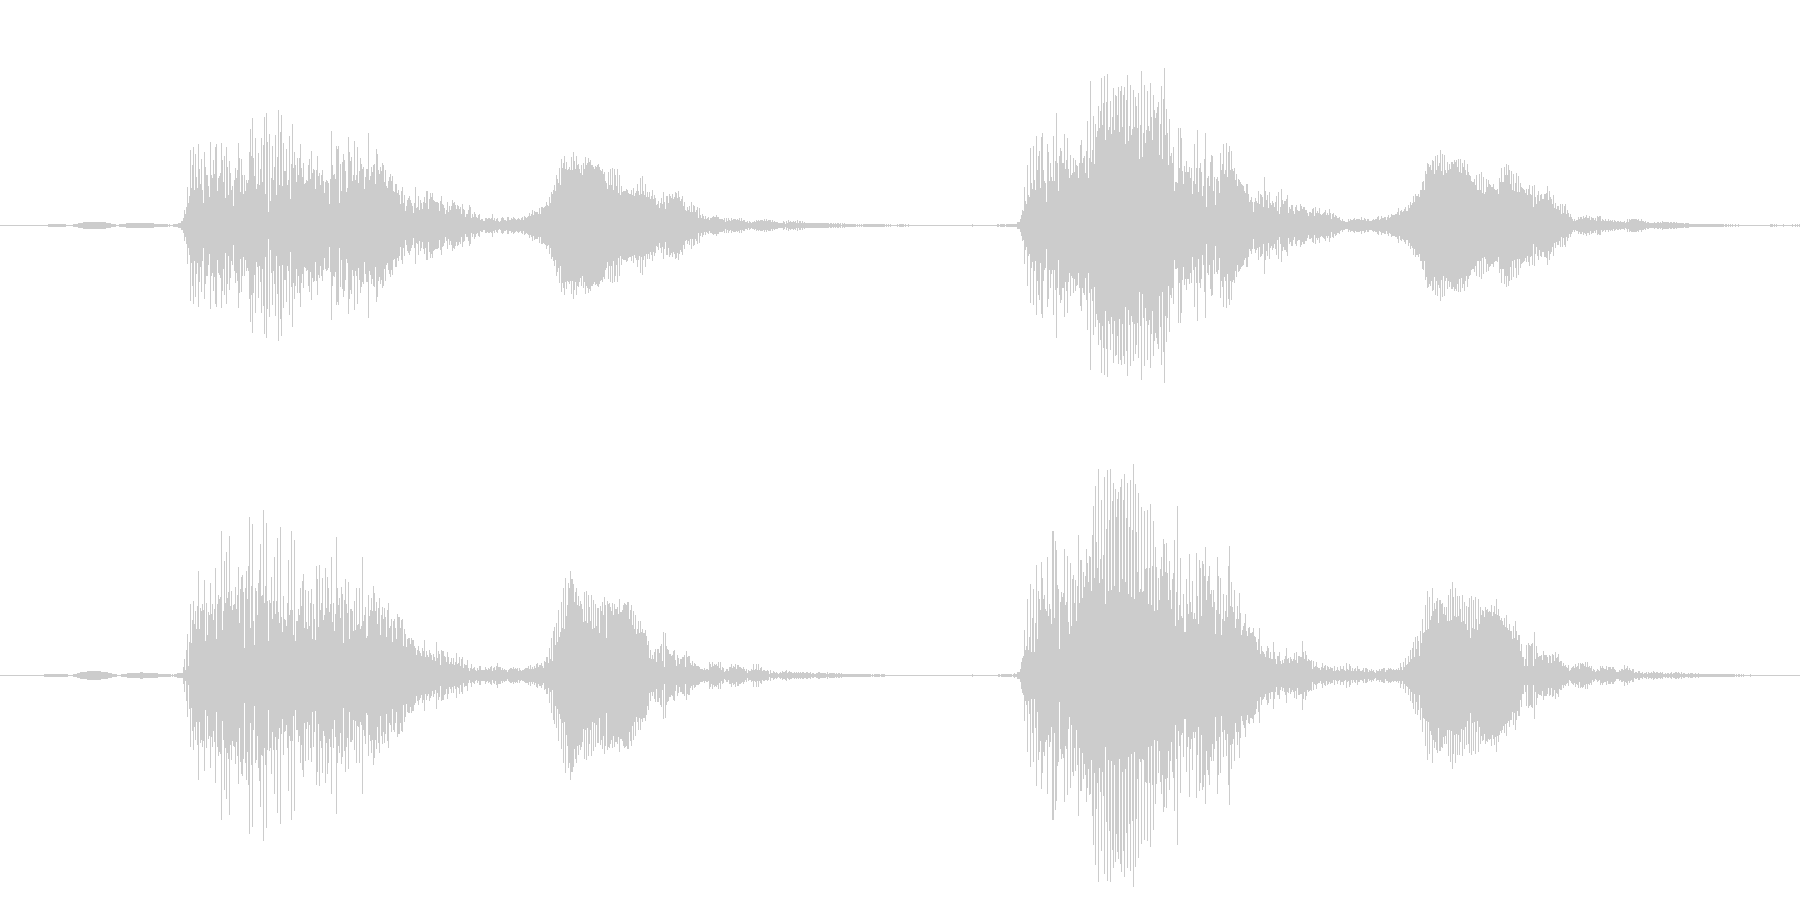 パフパフ(パフパフラッパの音)の未再生の波形